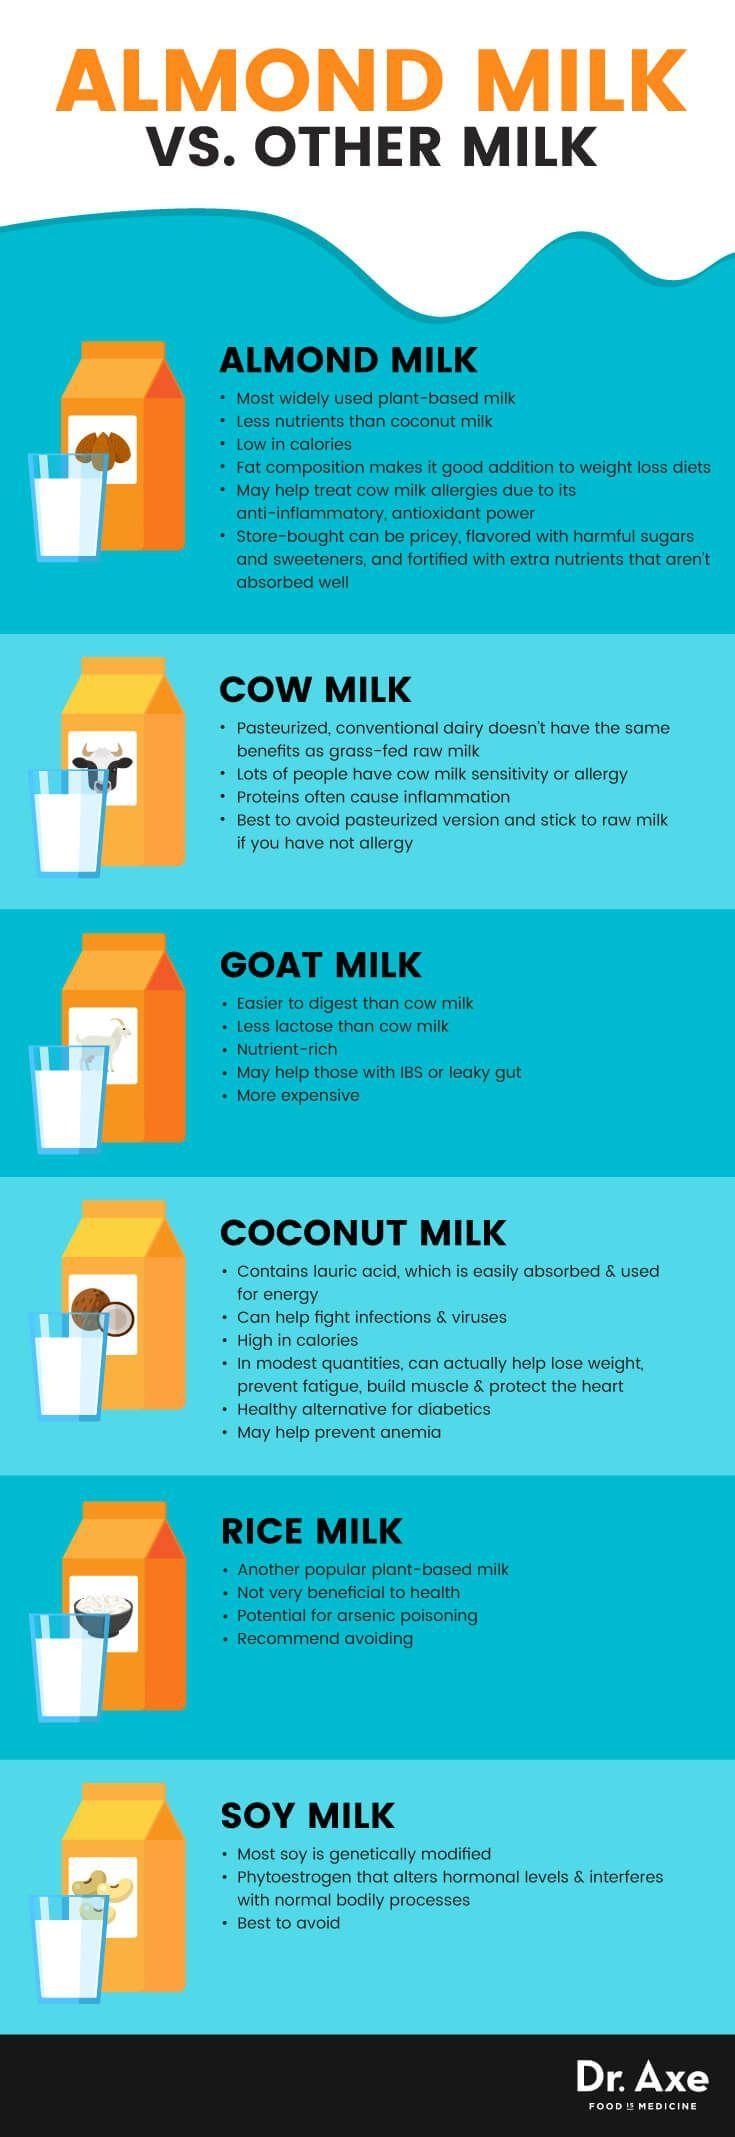 Vermeiden Sie potenziell giftige Geliermittel: Machen Sie Ihre eigene hausgemachte Mandelmilch von Grund auf neu!